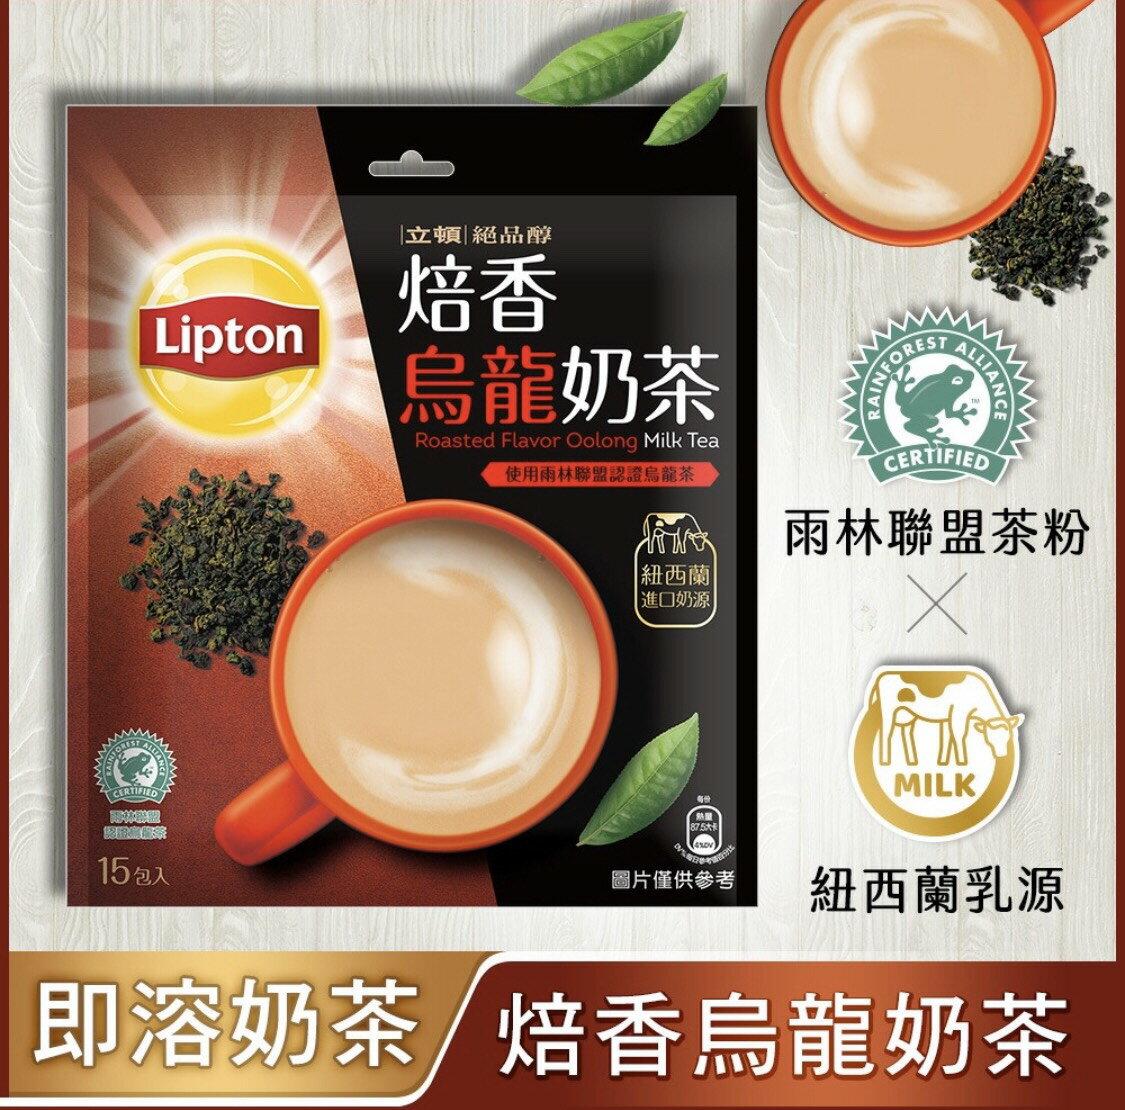 立頓 奶茶粉 絕品醇焙香烏龍奶茶量販包(19gX15入/袋)新包裝